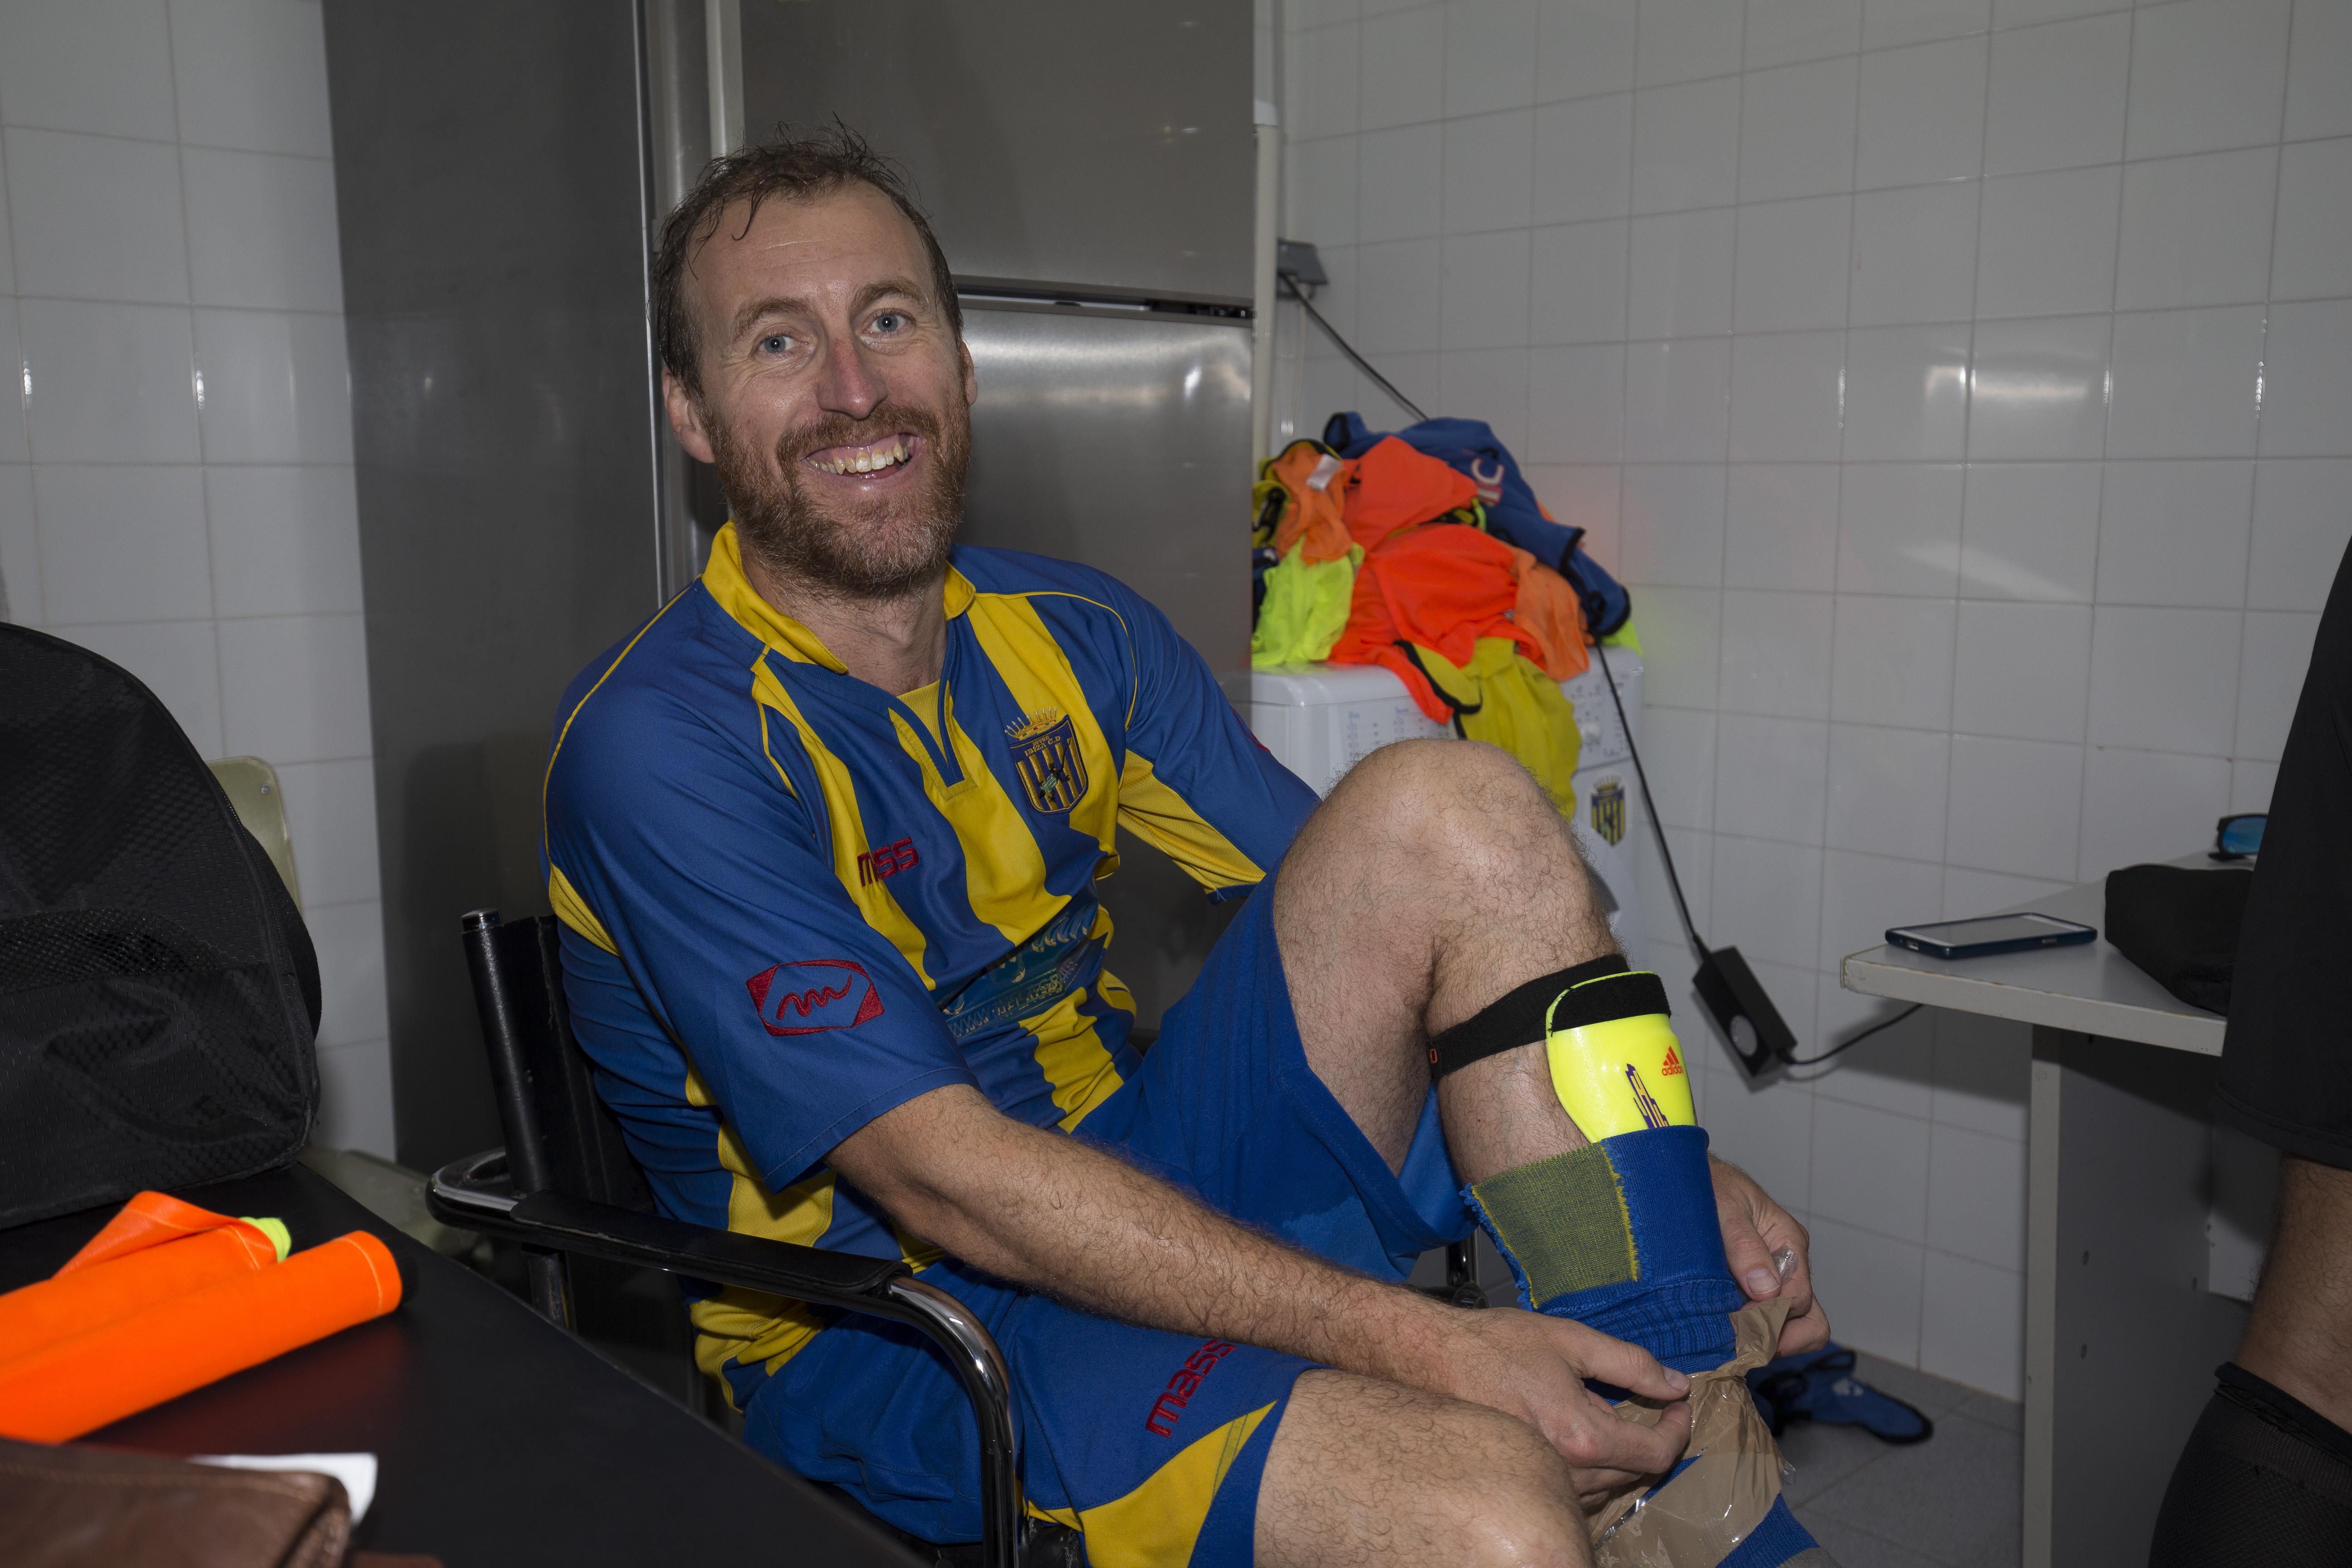 Carlos Fourcade, feliz y contento pese a su grave lesión (Fotos: Paco Natera).